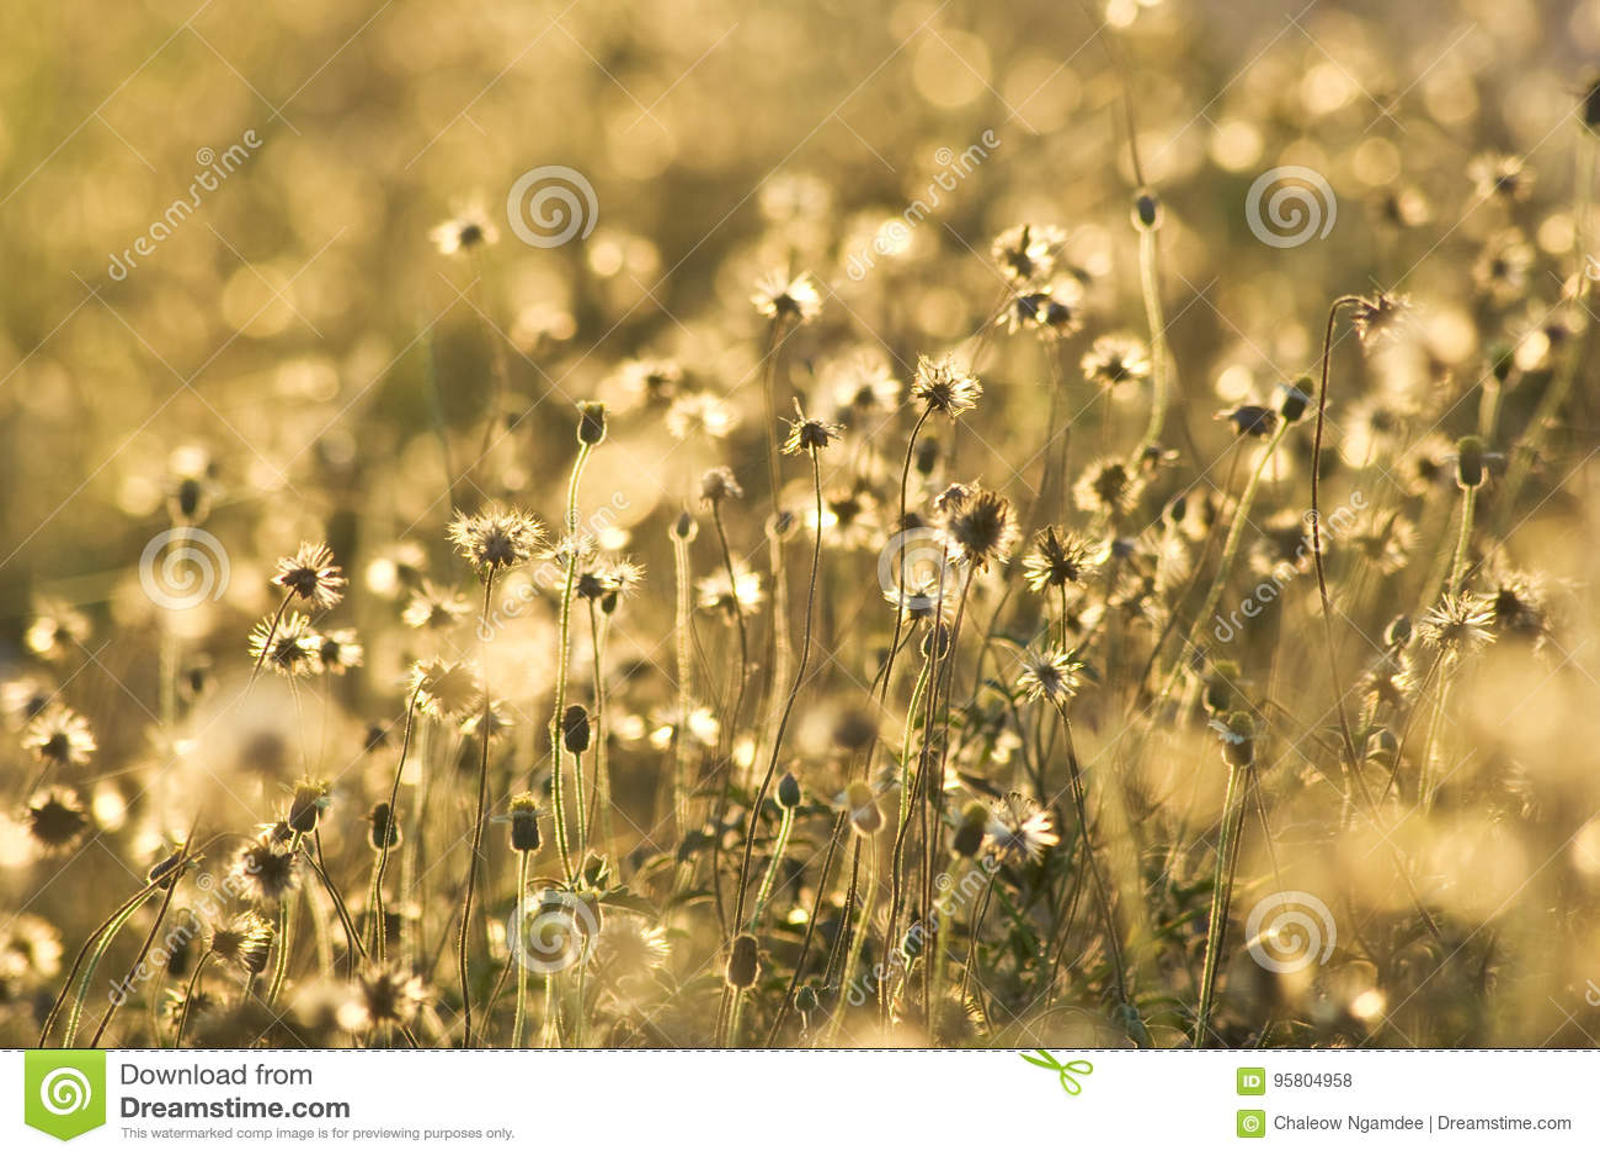 Goldene Grasblumen